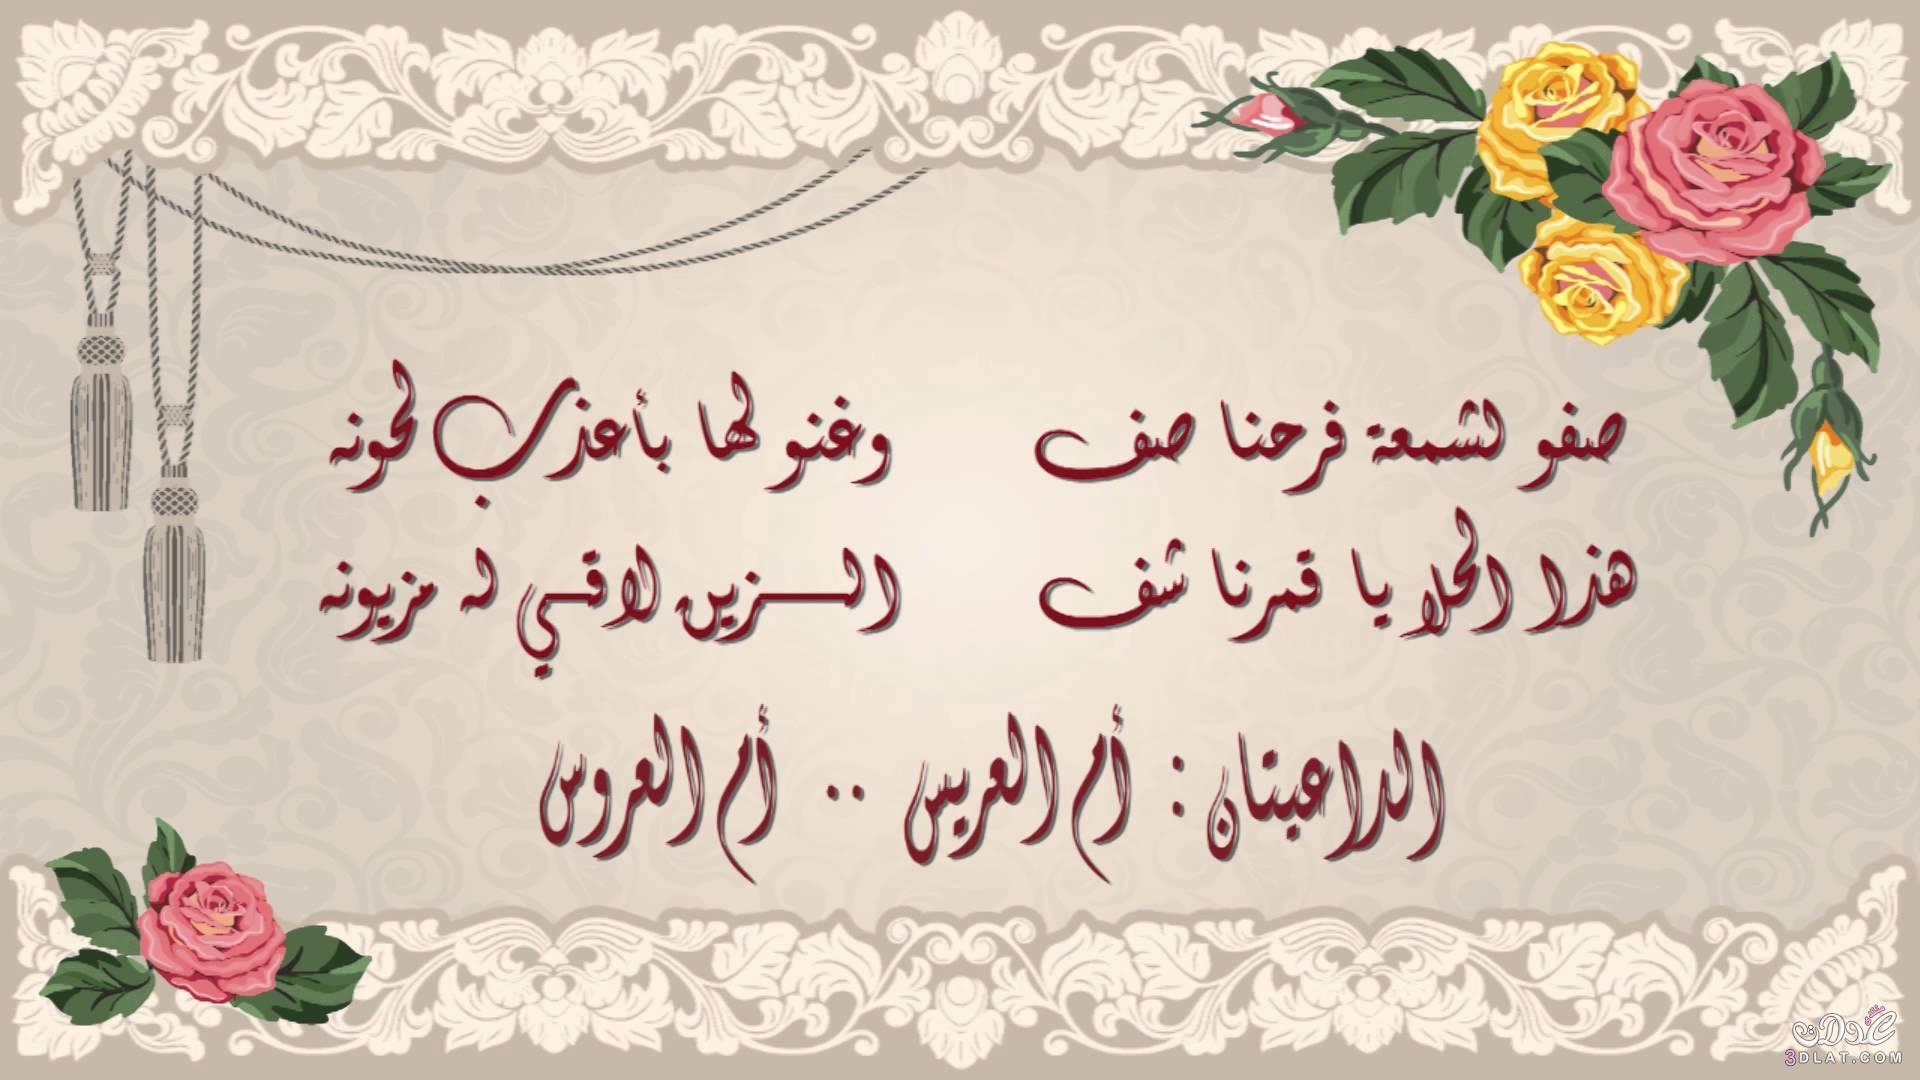 بالصور عبارات تهنئه للعروس للواتس , التهانى فى الافراح وماذا يقال 5438 12